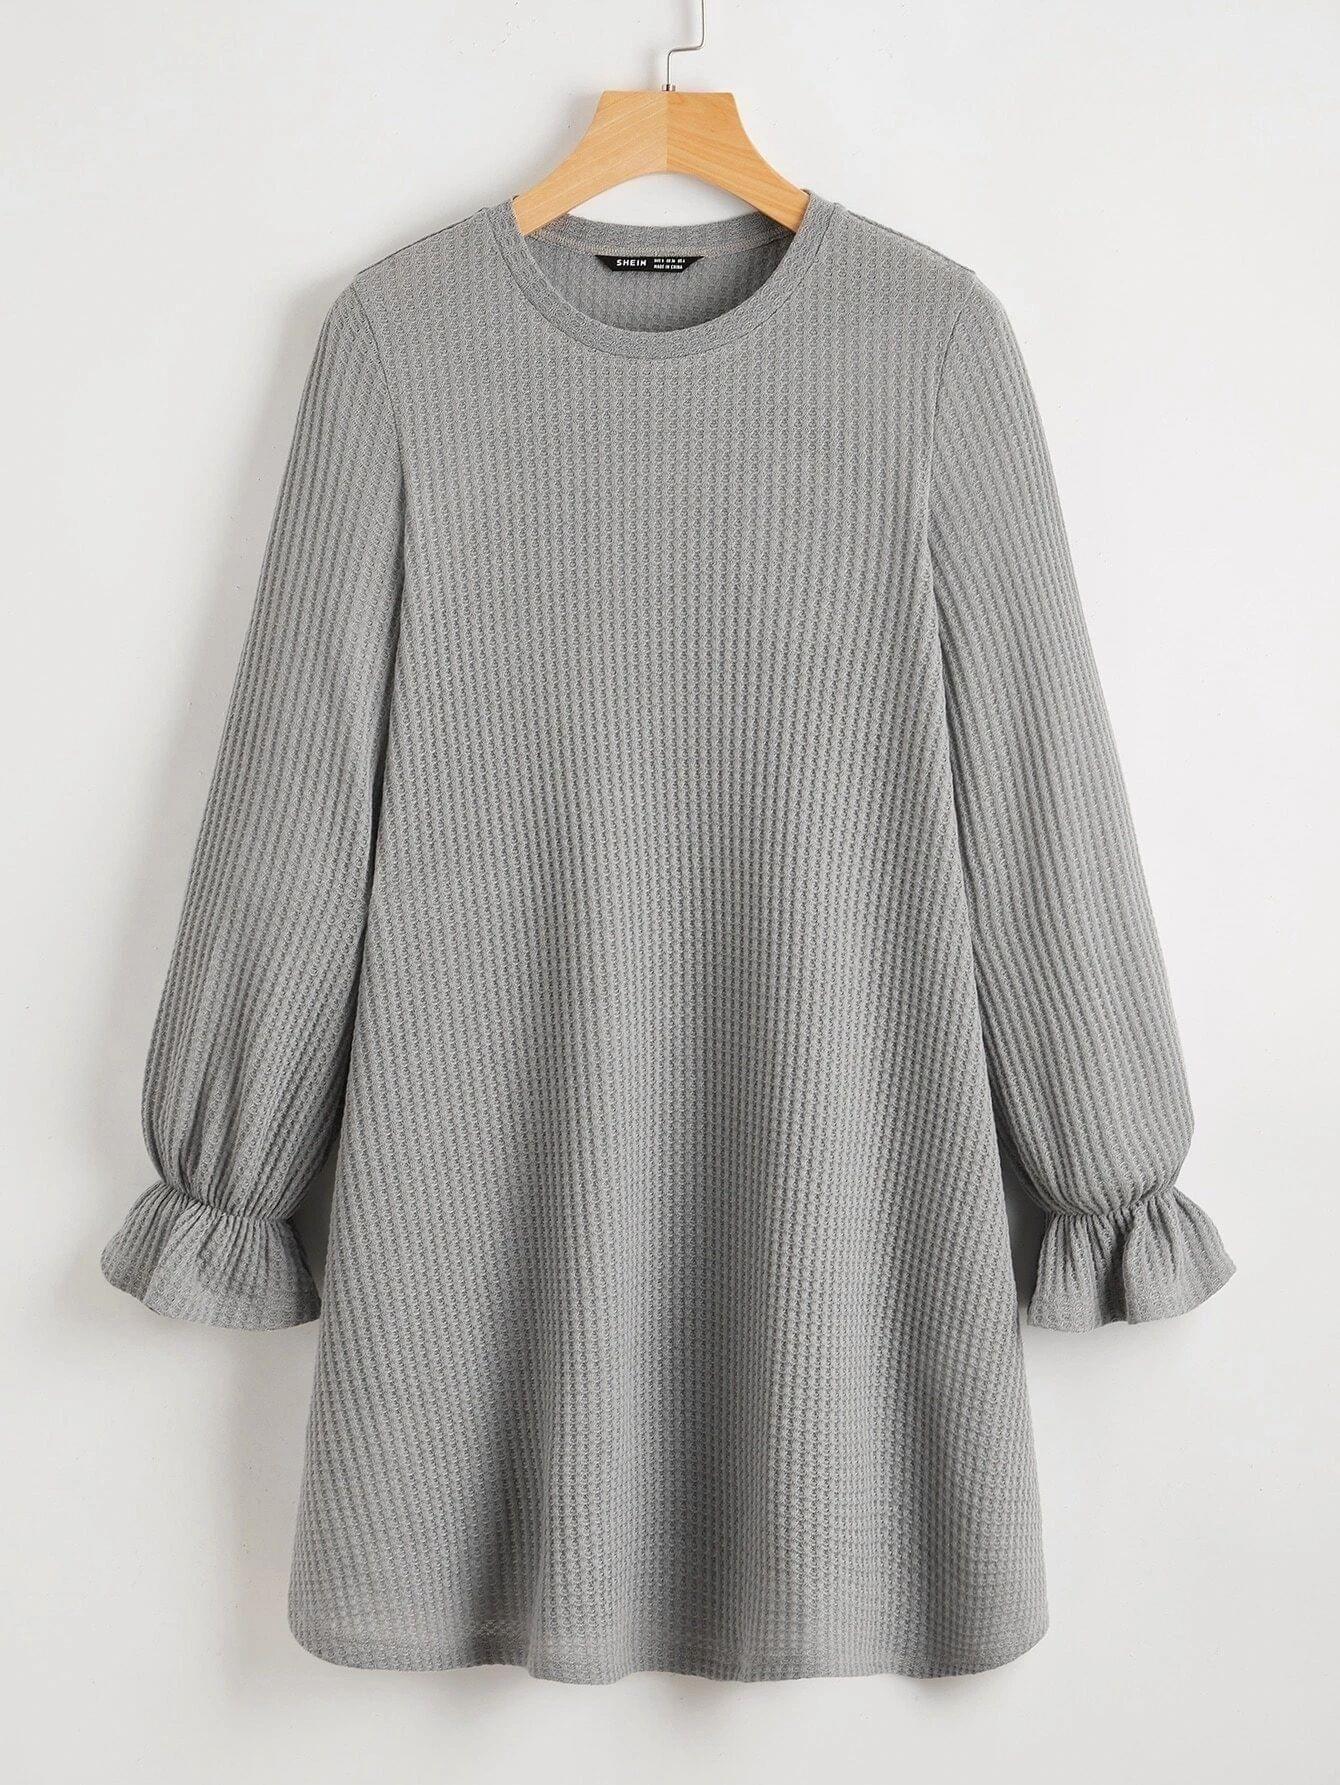 Ruffle Cuff Waffle Knit Dress 15 Knit Dress Fashion Clothes Women Waffle Knit [ 1785 x 1340 Pixel ]